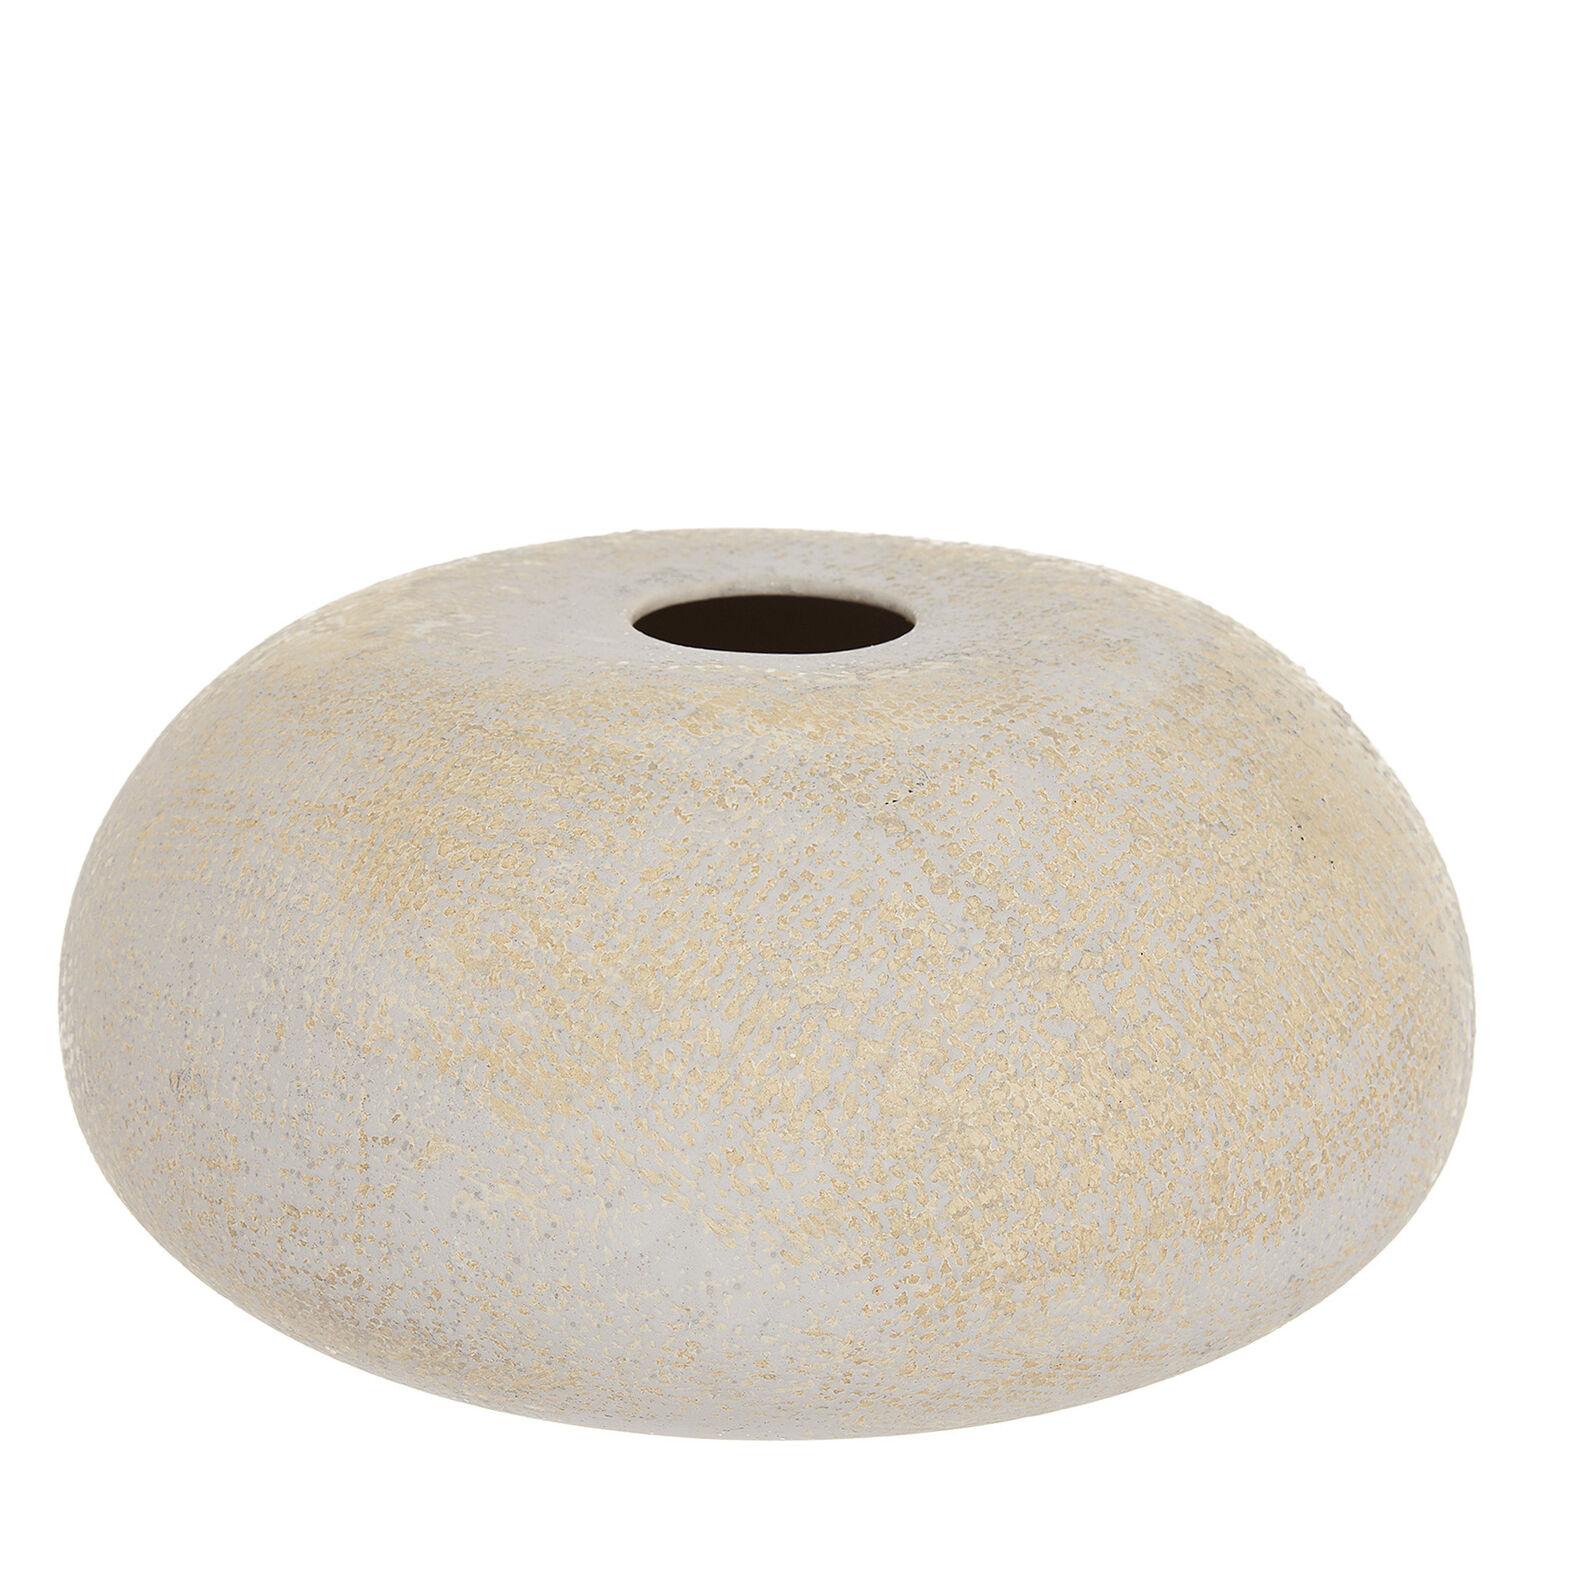 Portuguese ceramic vase